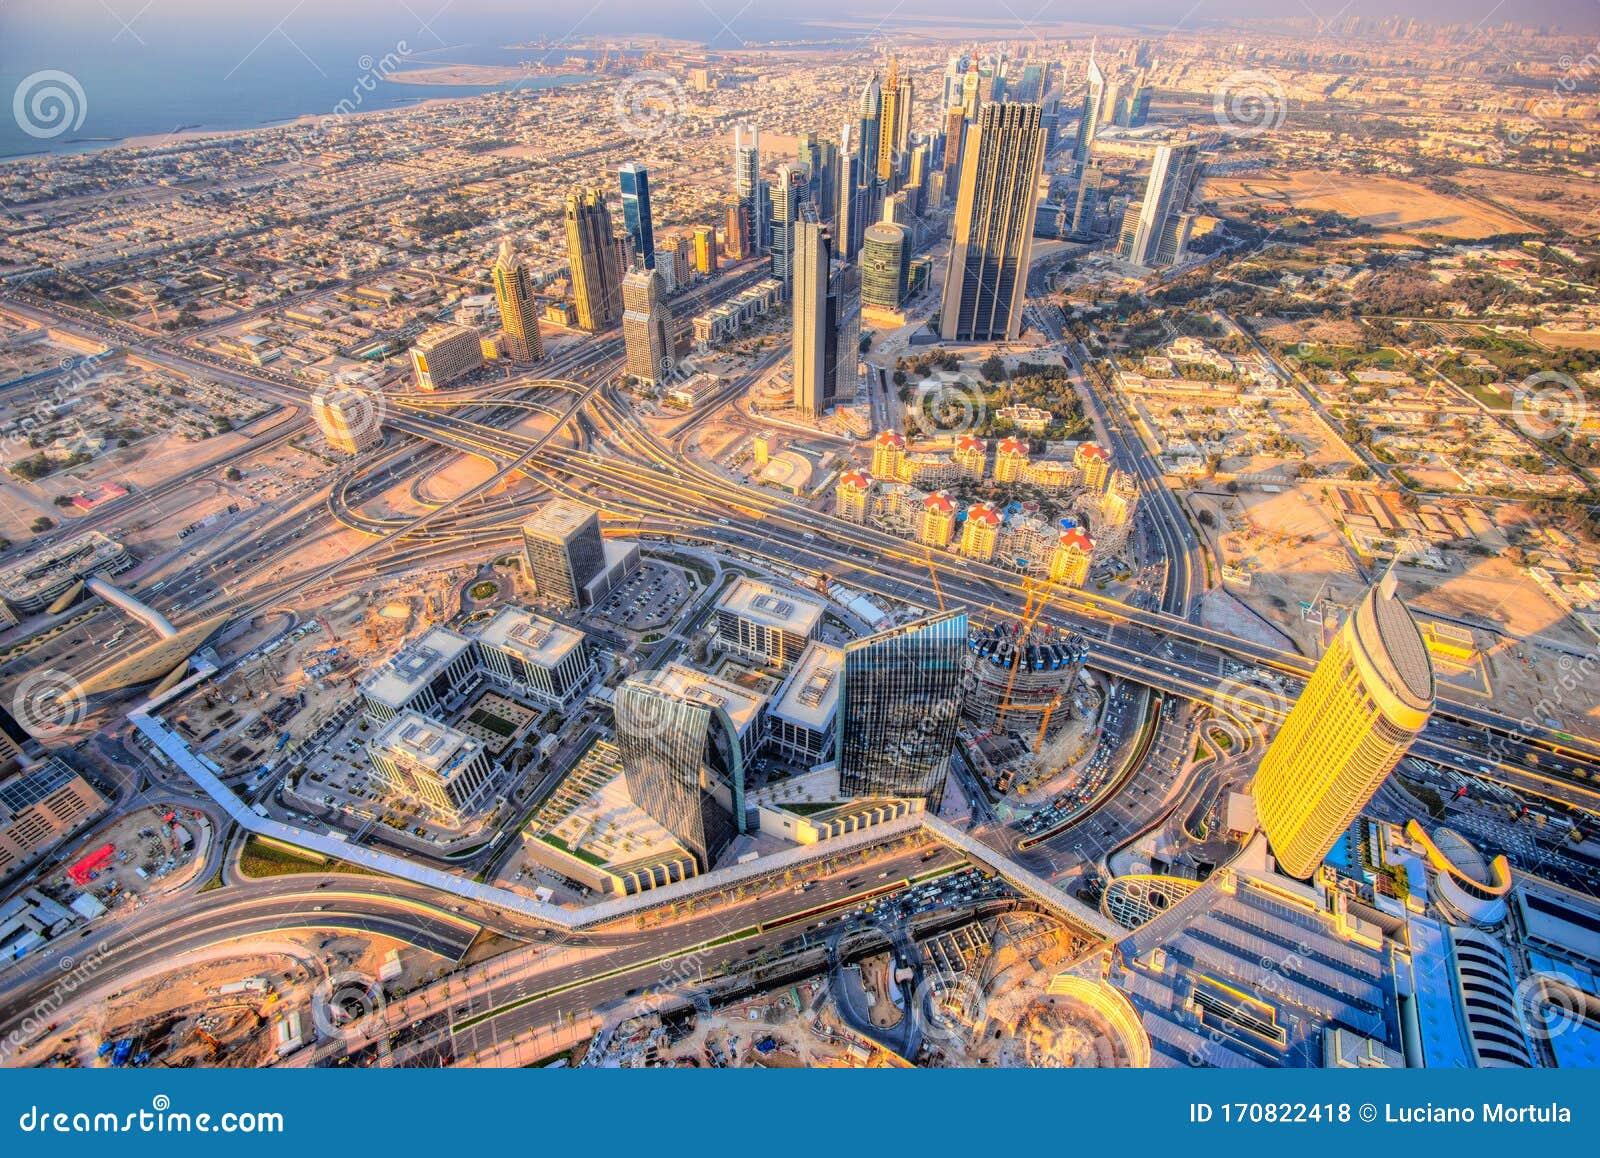 Дубай объединенные арабские эмираты фото куплю мини отель в хельсинки